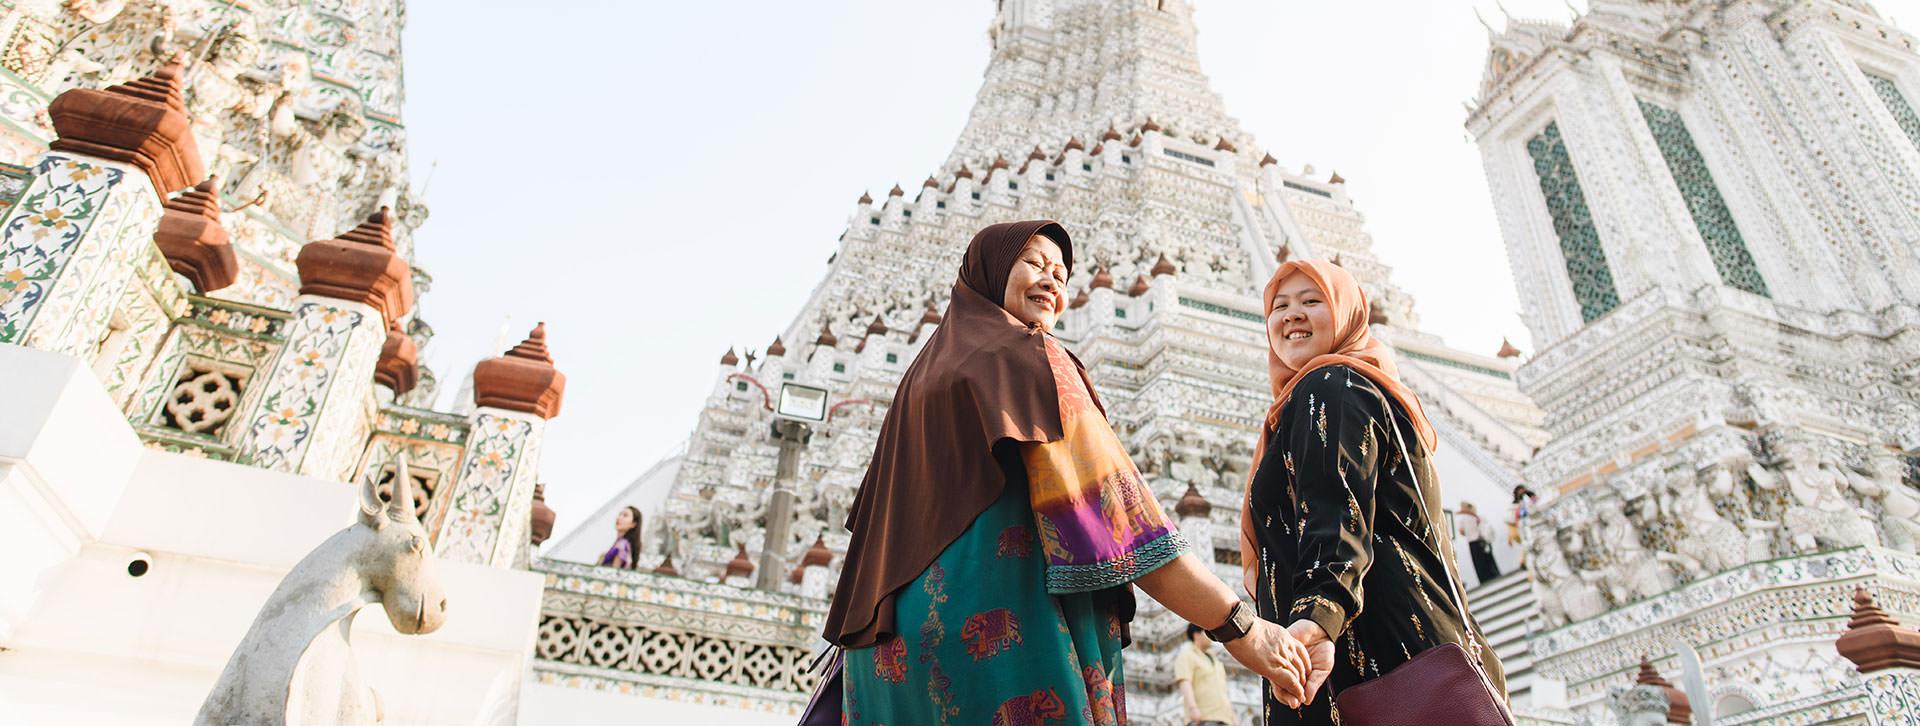 wat arun bangkok photo with mom cover